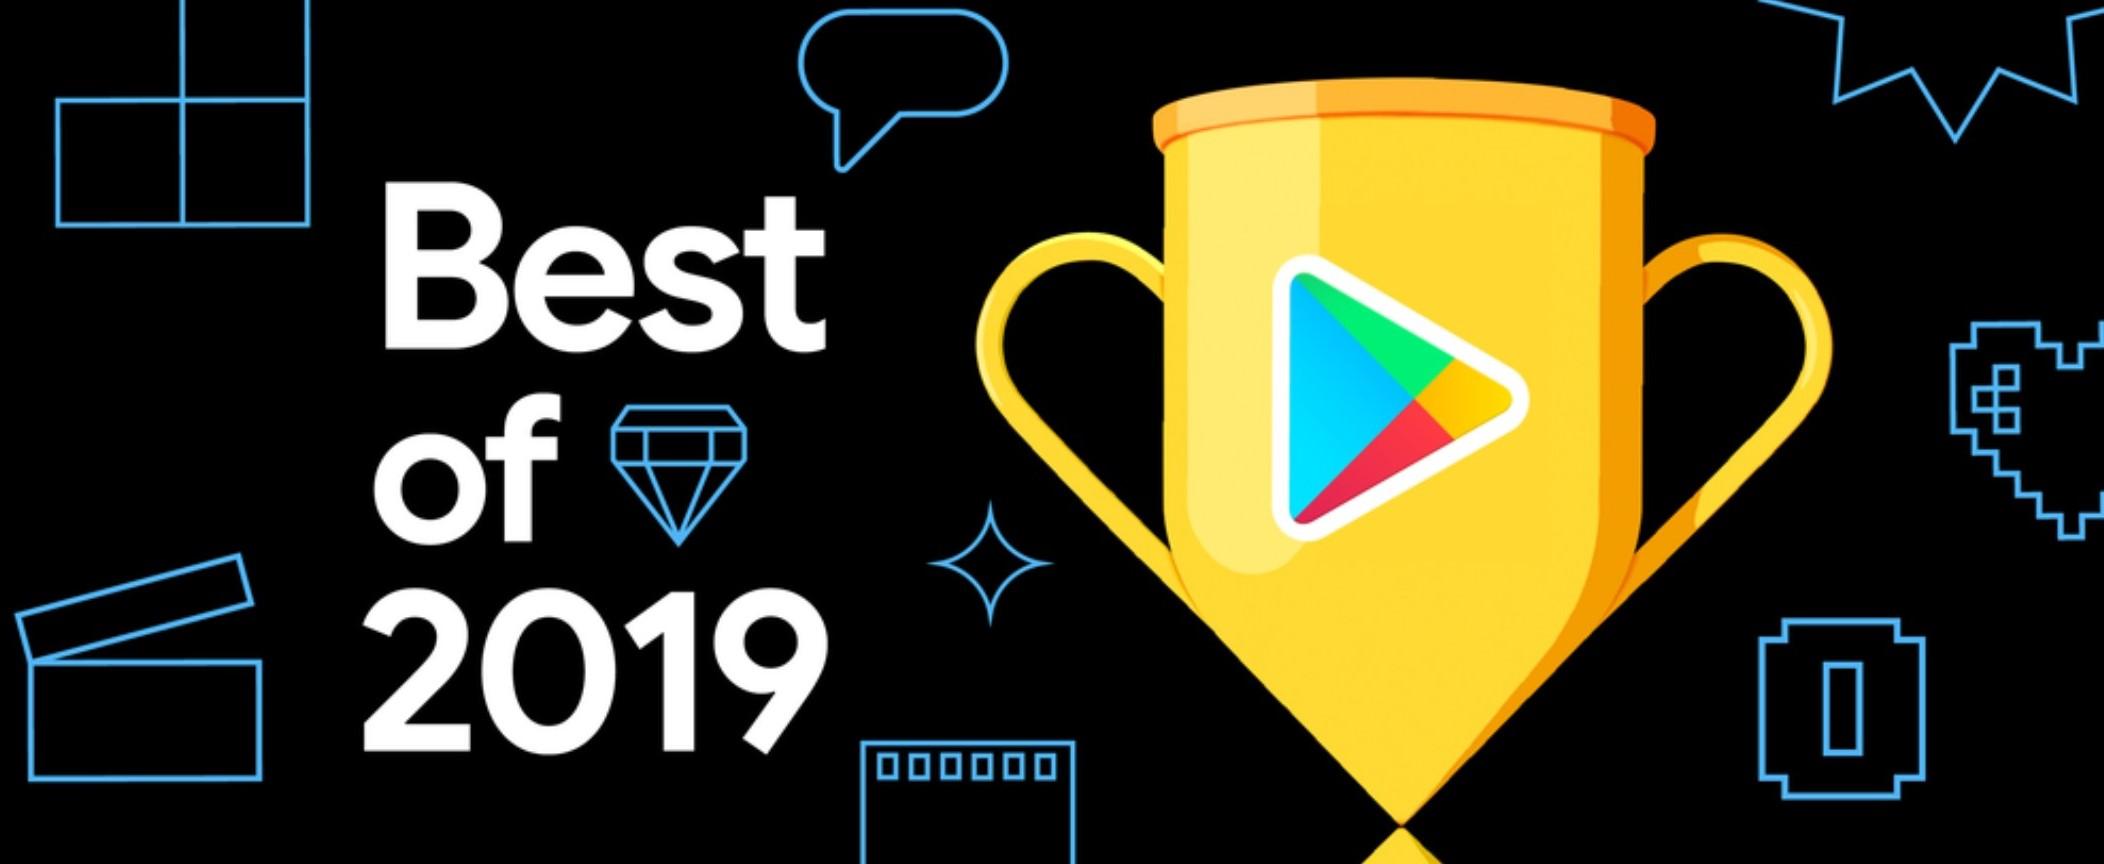 Lud przemówił. Oto najlepsze aplikacje i gry na Androida 2019 roku 20